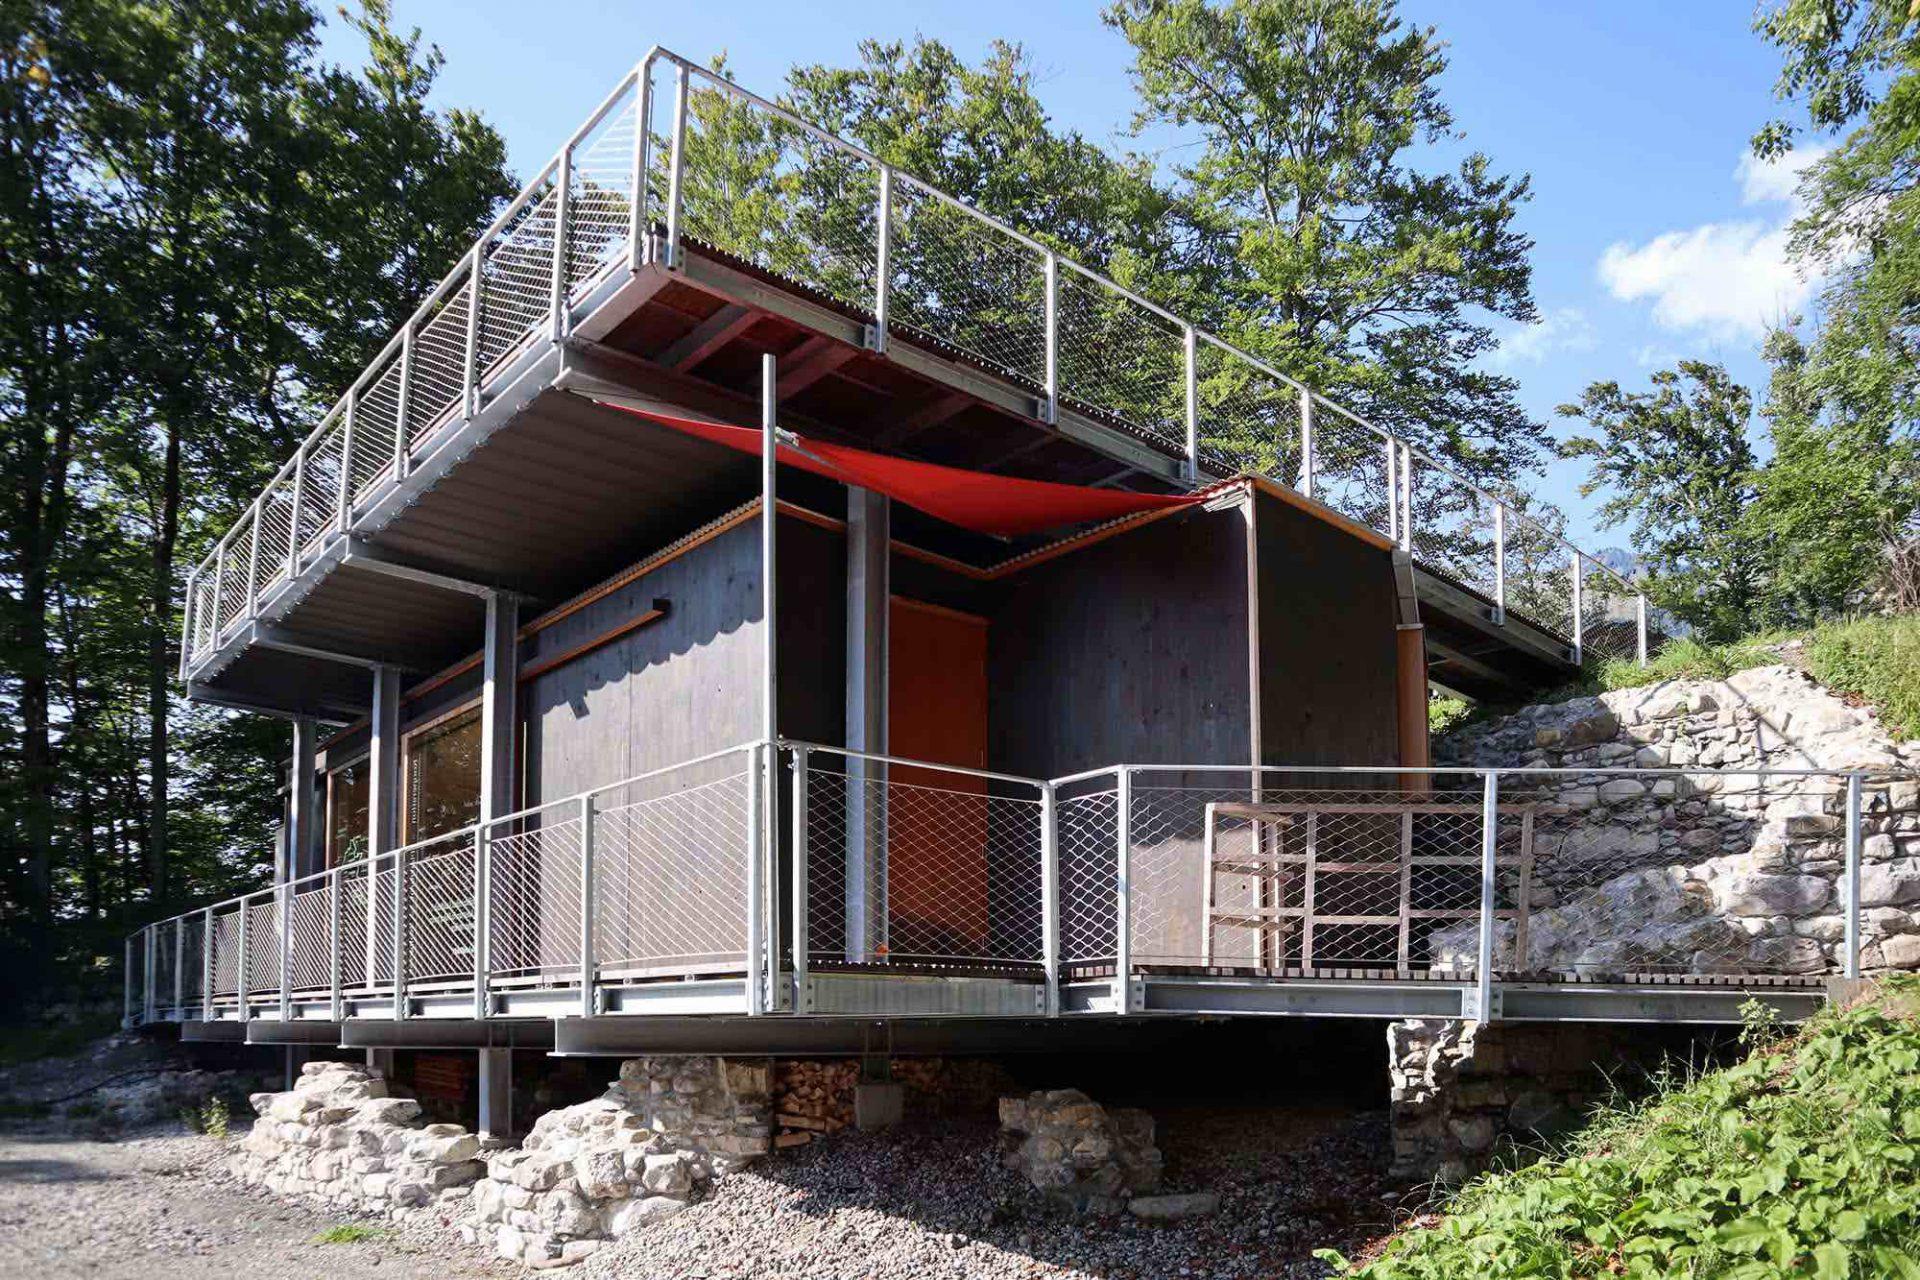 Burgruine Blumenegg. Der von Martin Mackowitz 2018 errichtete Kulturpavillon am Thüringerberg hat sich zu einer festen kulturellen Institution des Tals entwickelt.